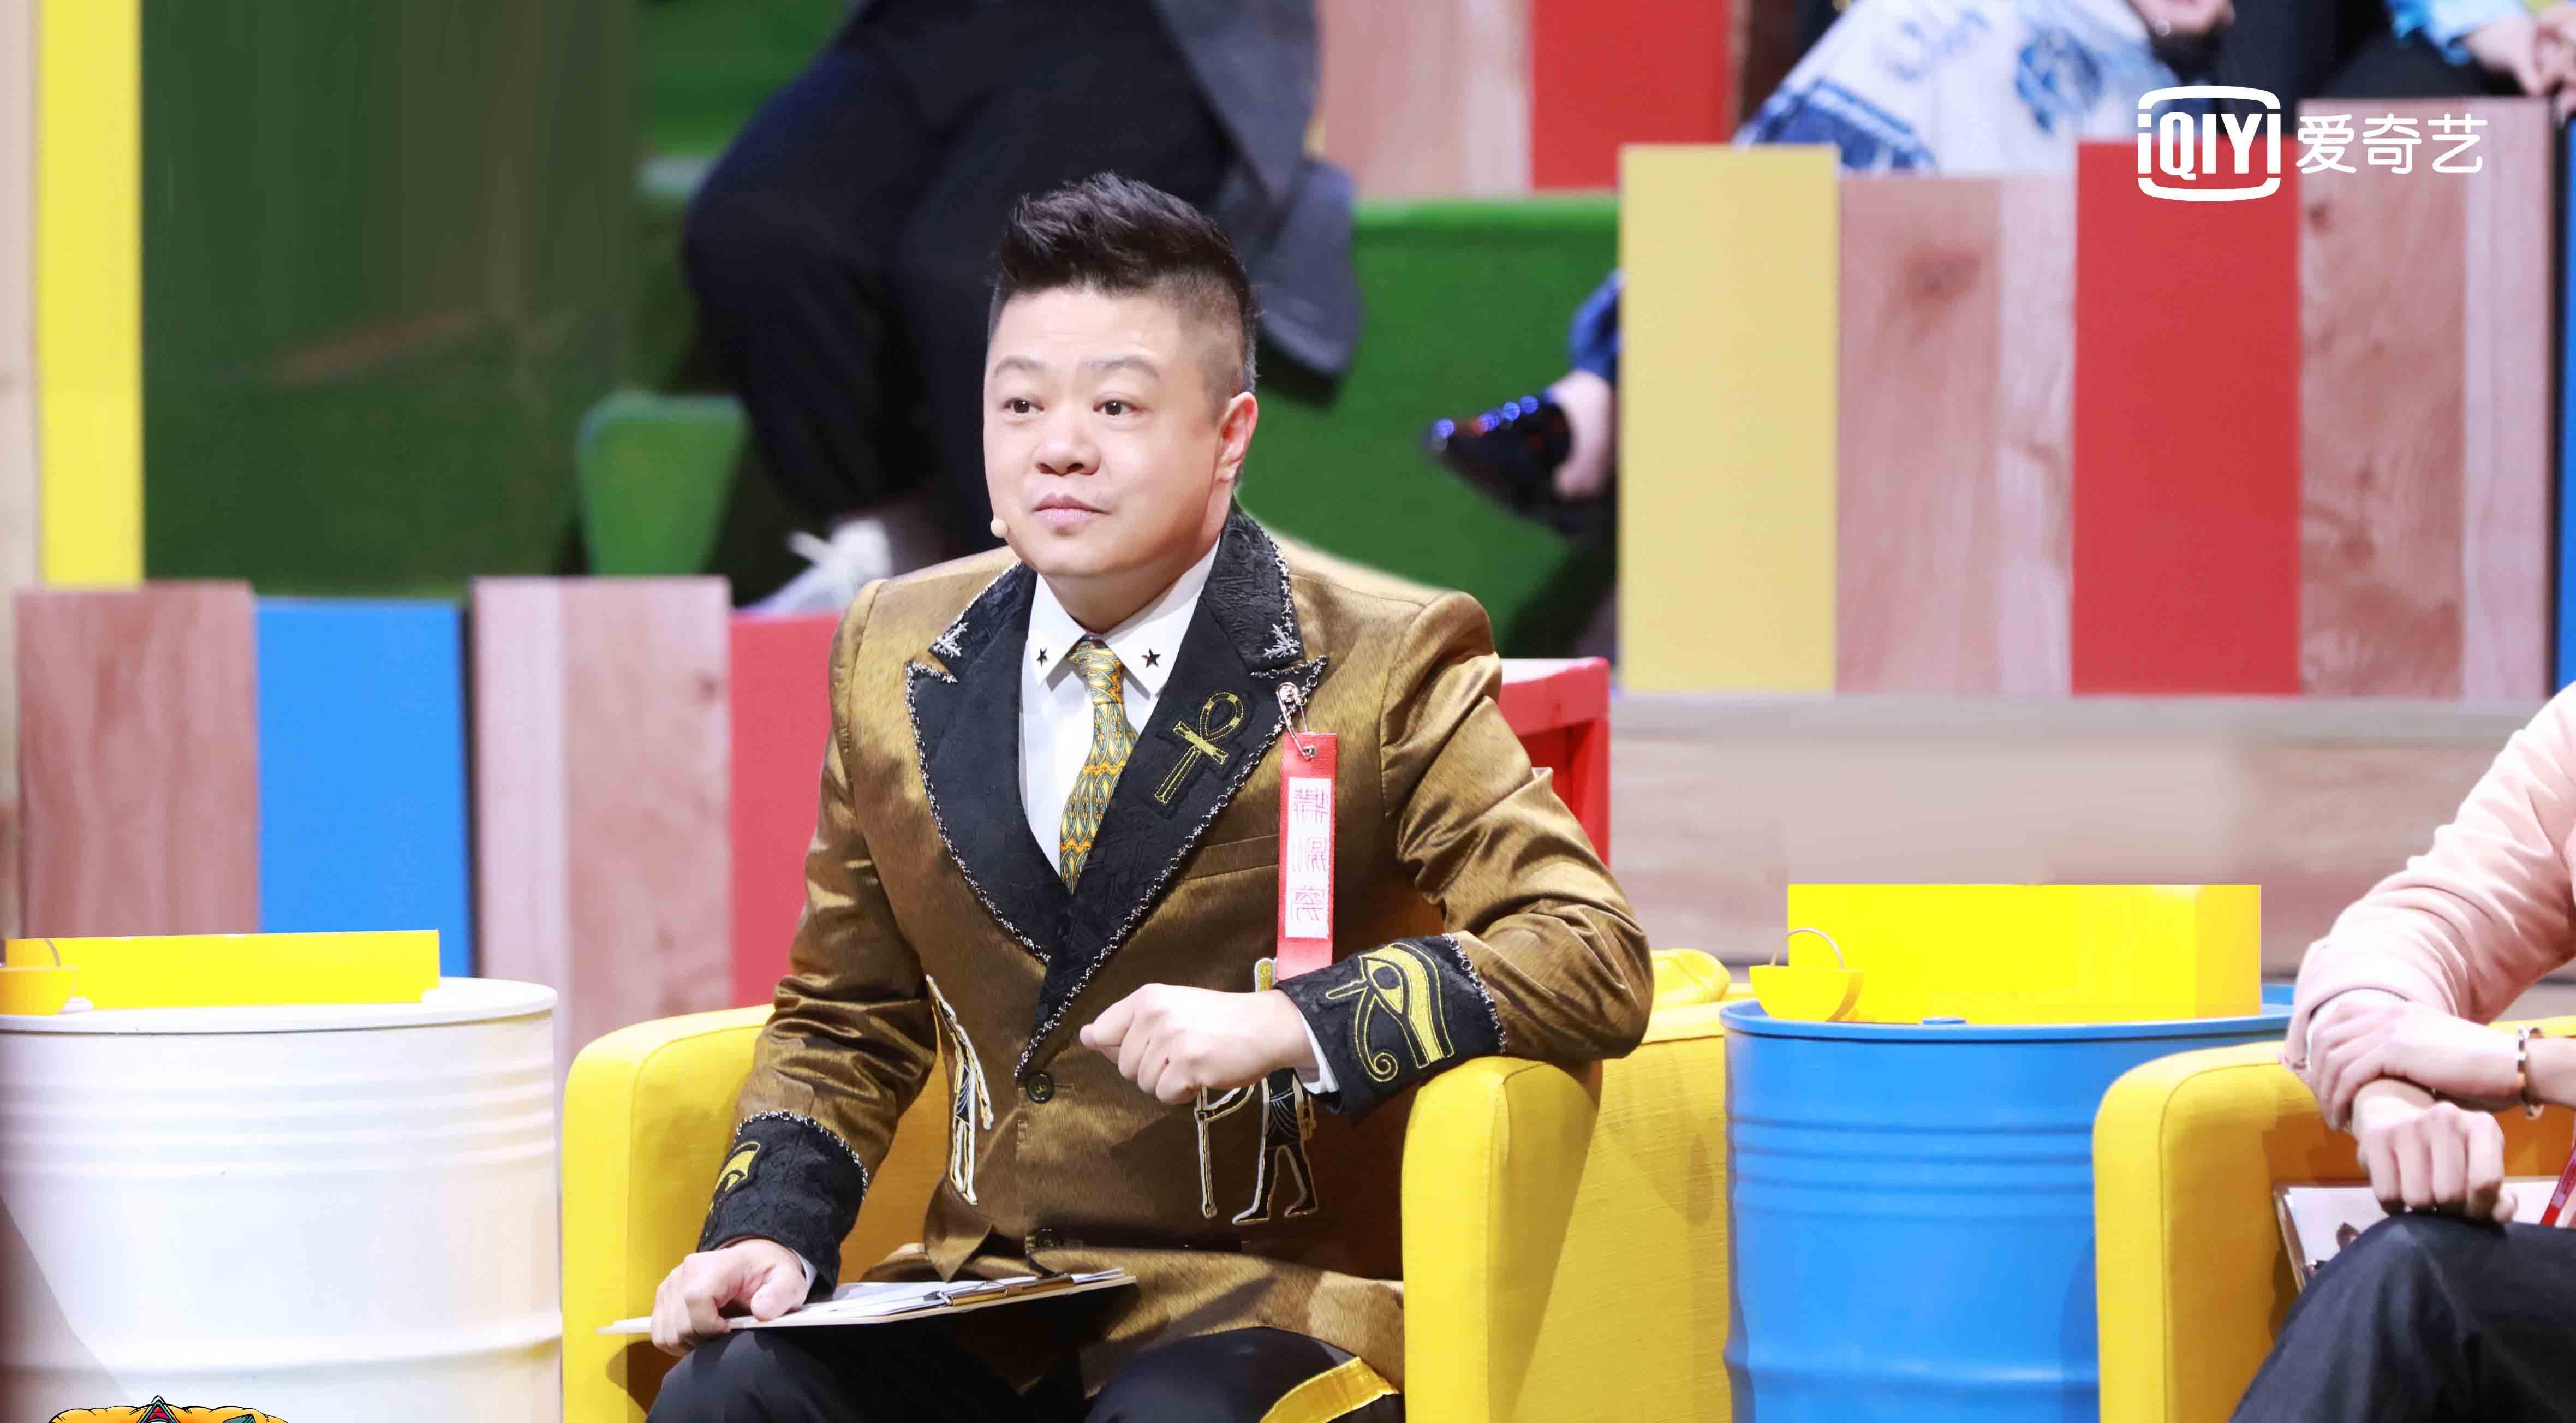 香港王中王资料大全:【娱乐早报】《奇葩大会》第二季片面下线高云翔事情室发声明称将